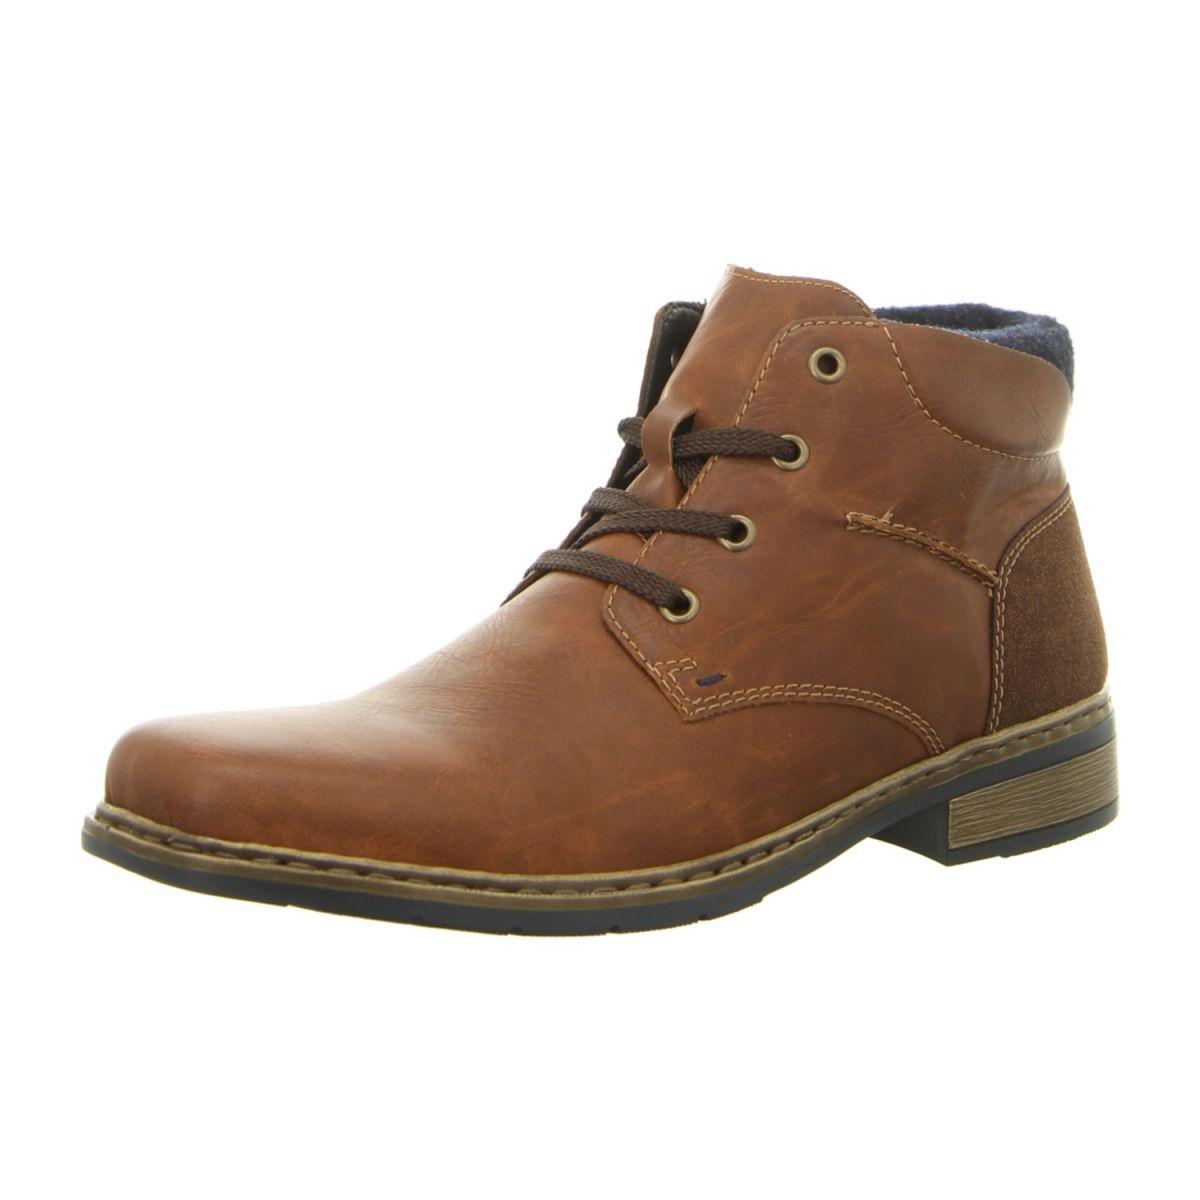 online hier ungeschlagen x Verkauf Einzelhändler NEU: Rieker Stiefeletten 30811-25 - braun kombi - | Schuhe ...